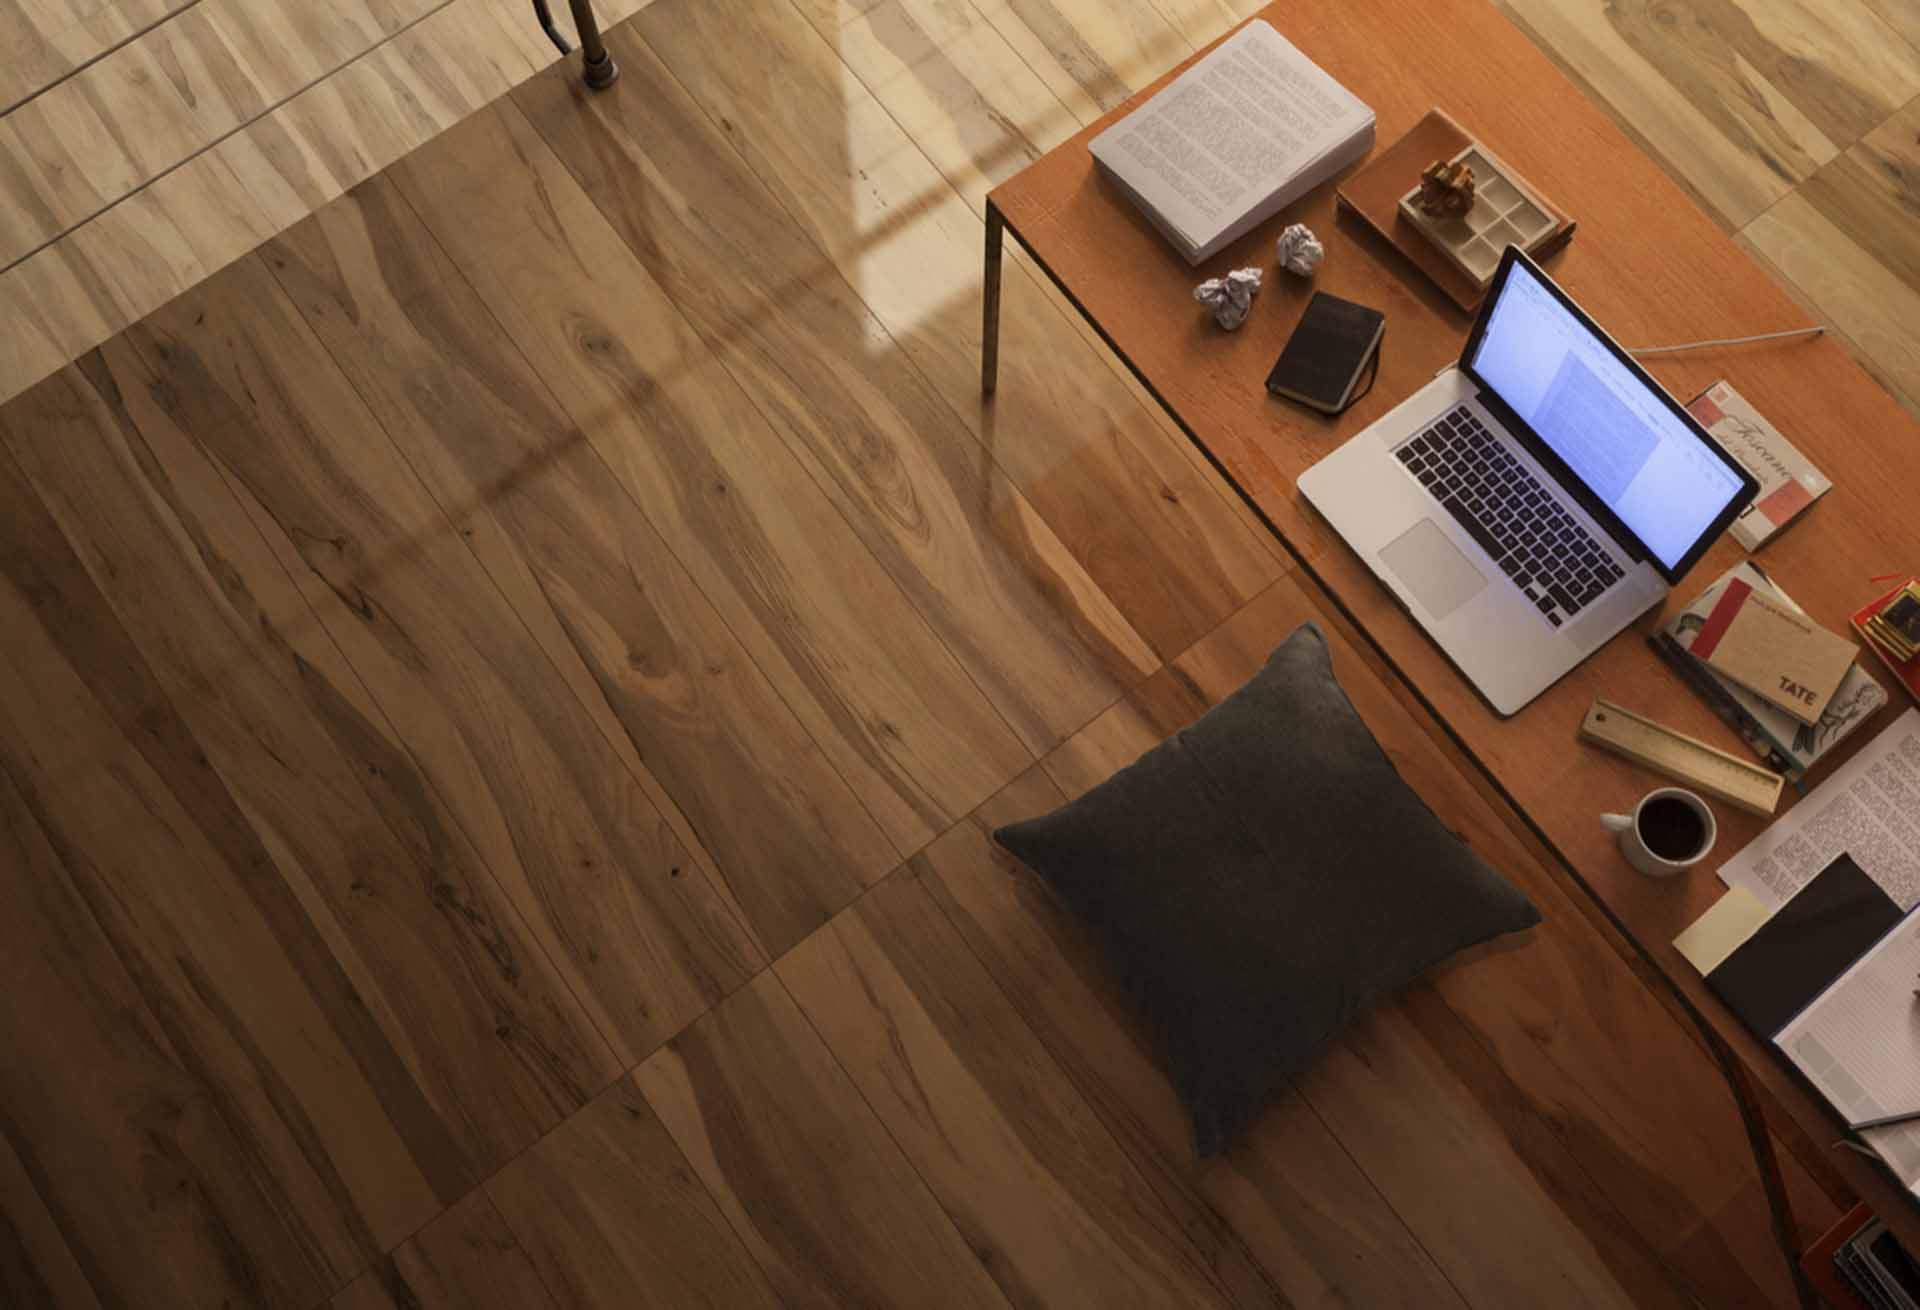 Immagini Gres Porcellanato Effetto Legno gres porcellanato effetto legno: una nuova tendenza nel